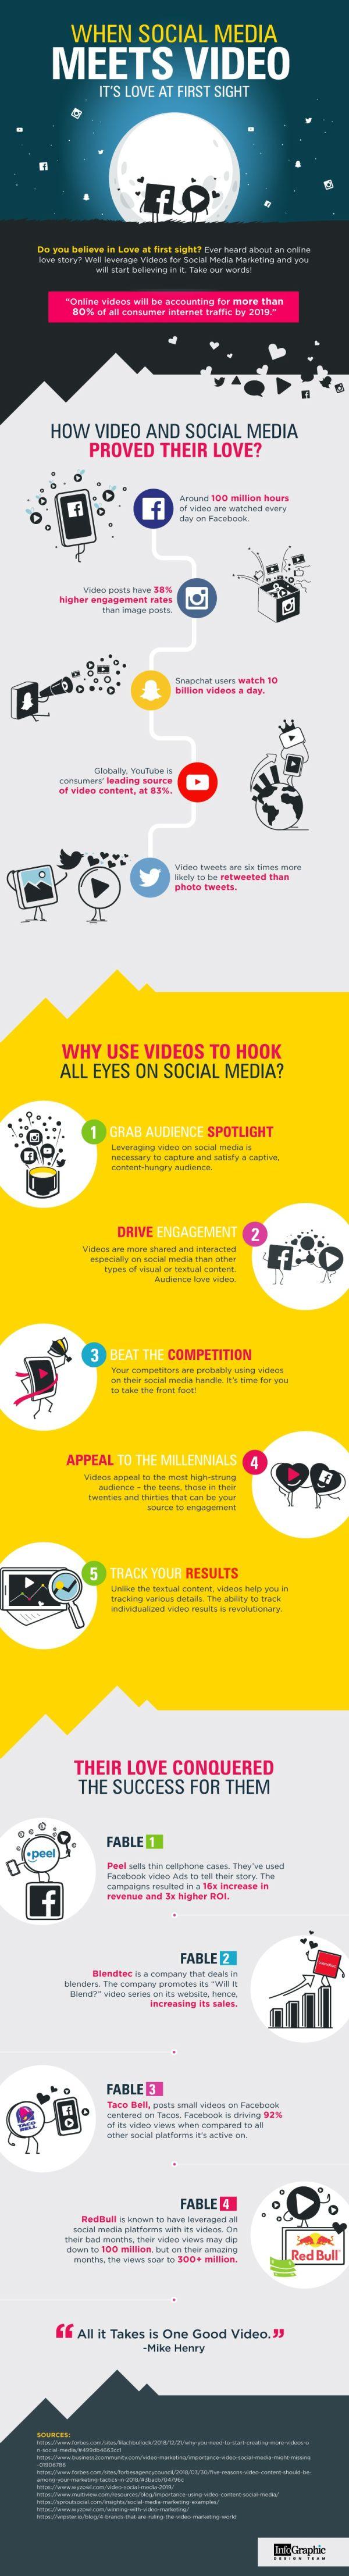 when_social_media_meets_video.jpg